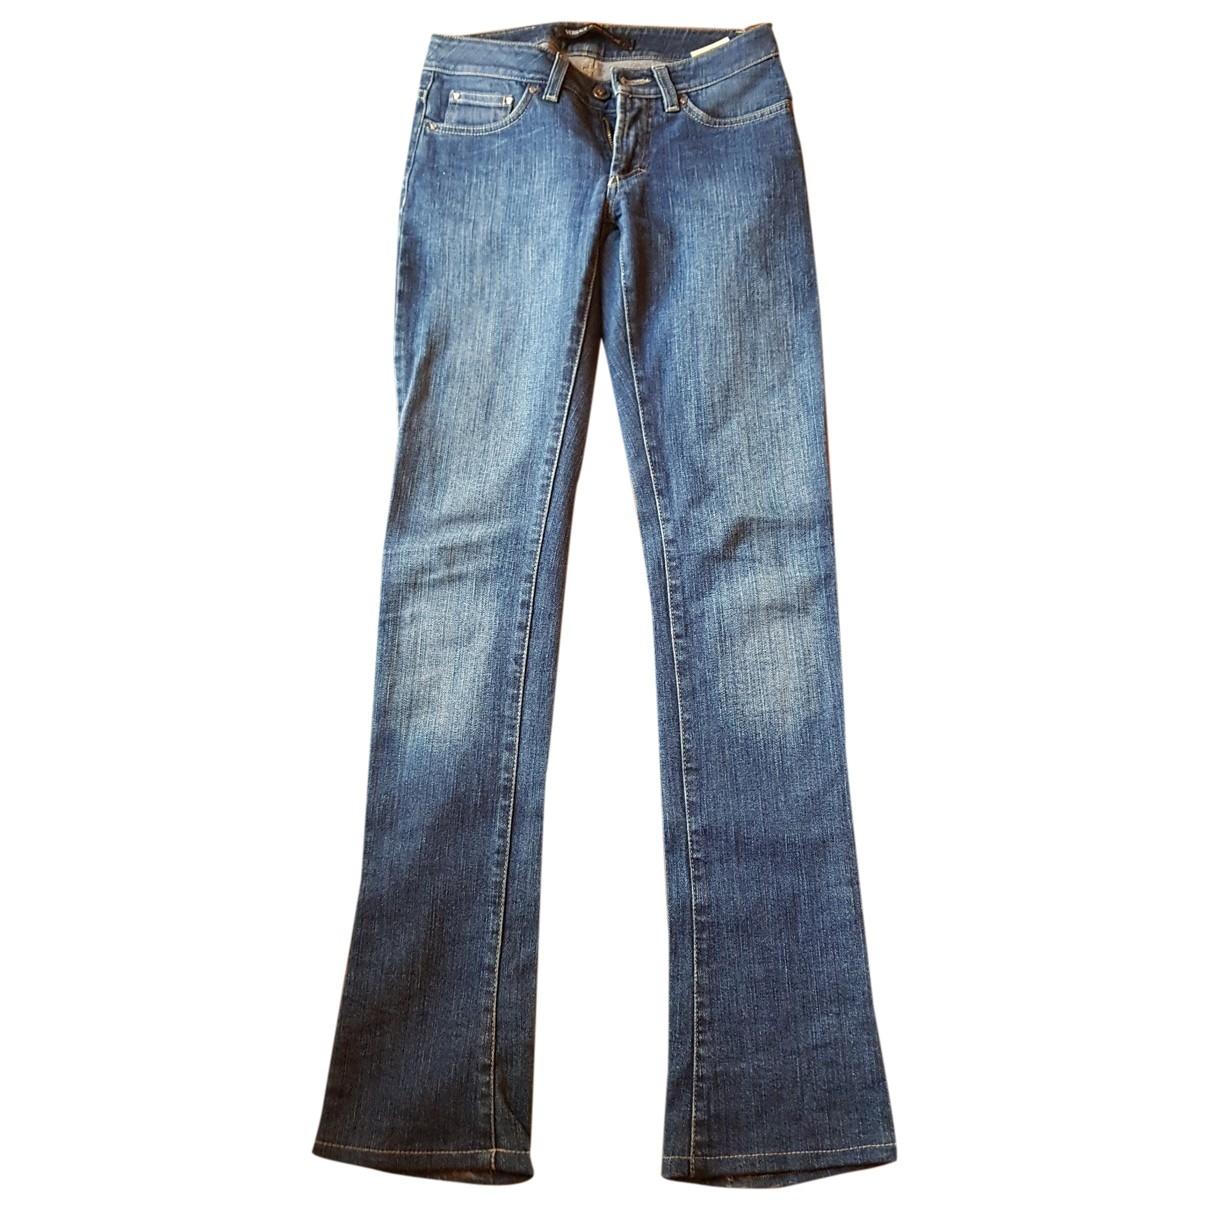 Pantalon zanahoria Versace Jeans